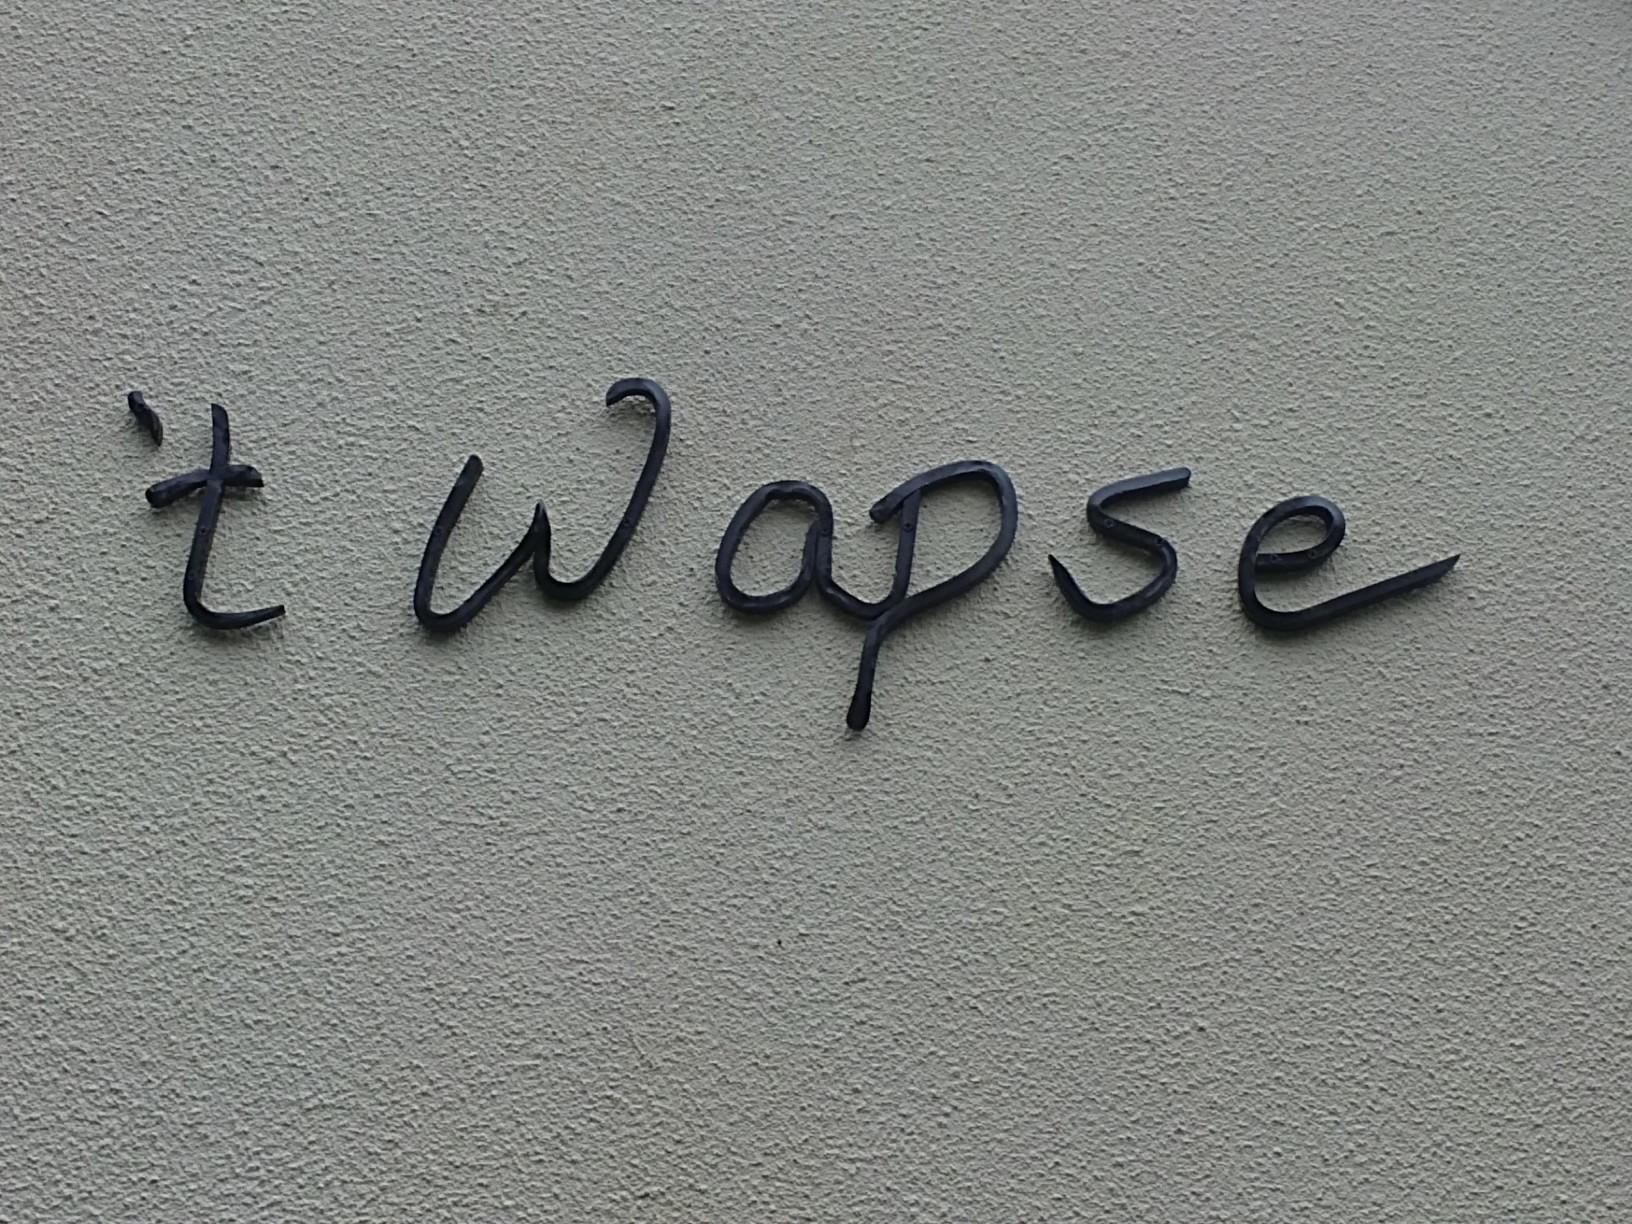 t wapse.JPG